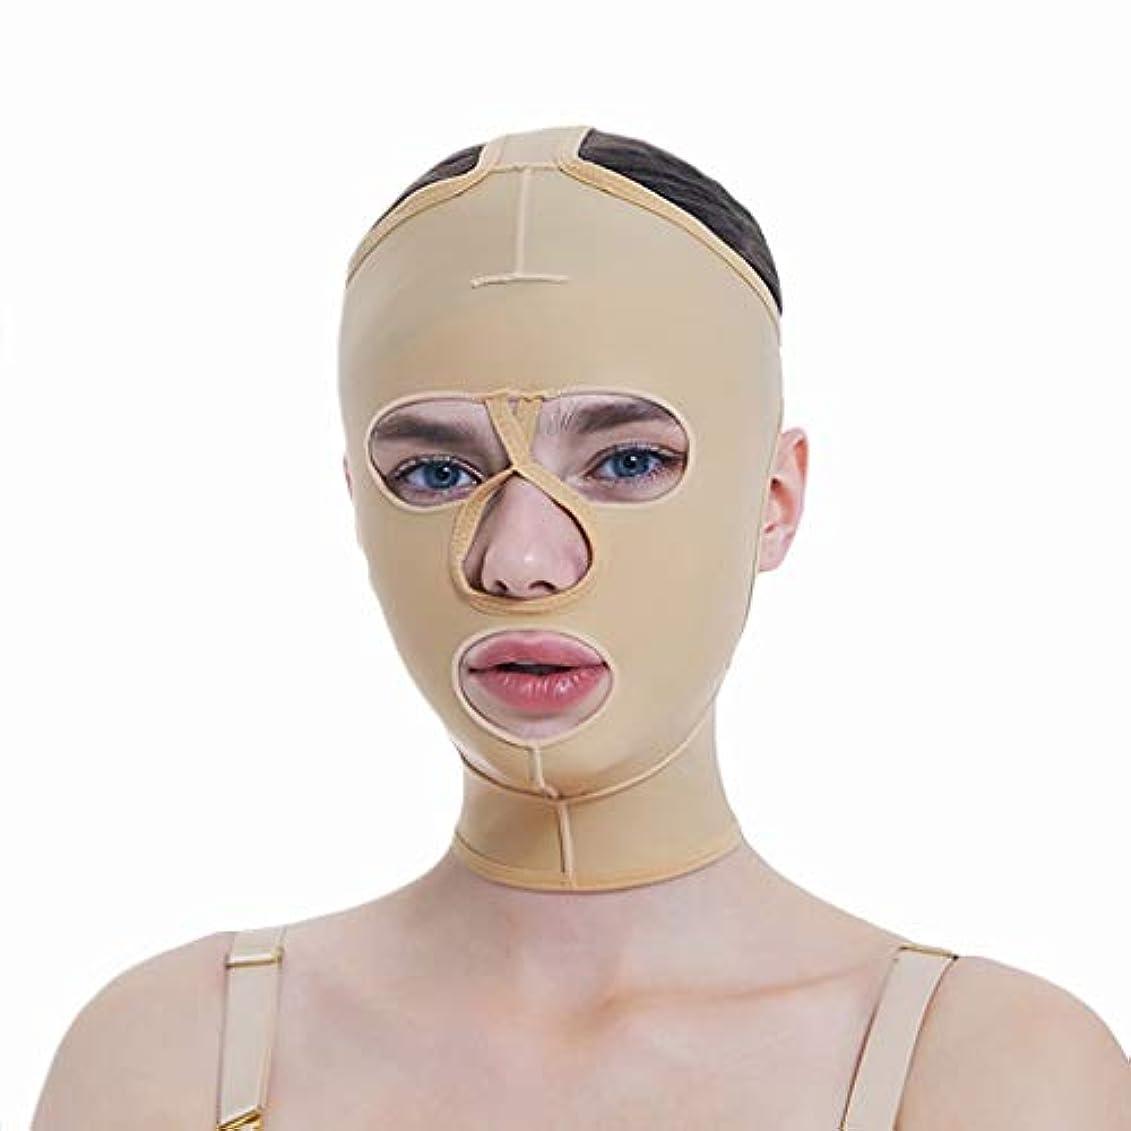 まあ子孫ぬいぐるみ顔の減量マスク、フルカバレッジ包帯、フルフェイスリフティングマスク、フェイスマスク、快適で通気性、リフティングシェーピング (Size : XL)